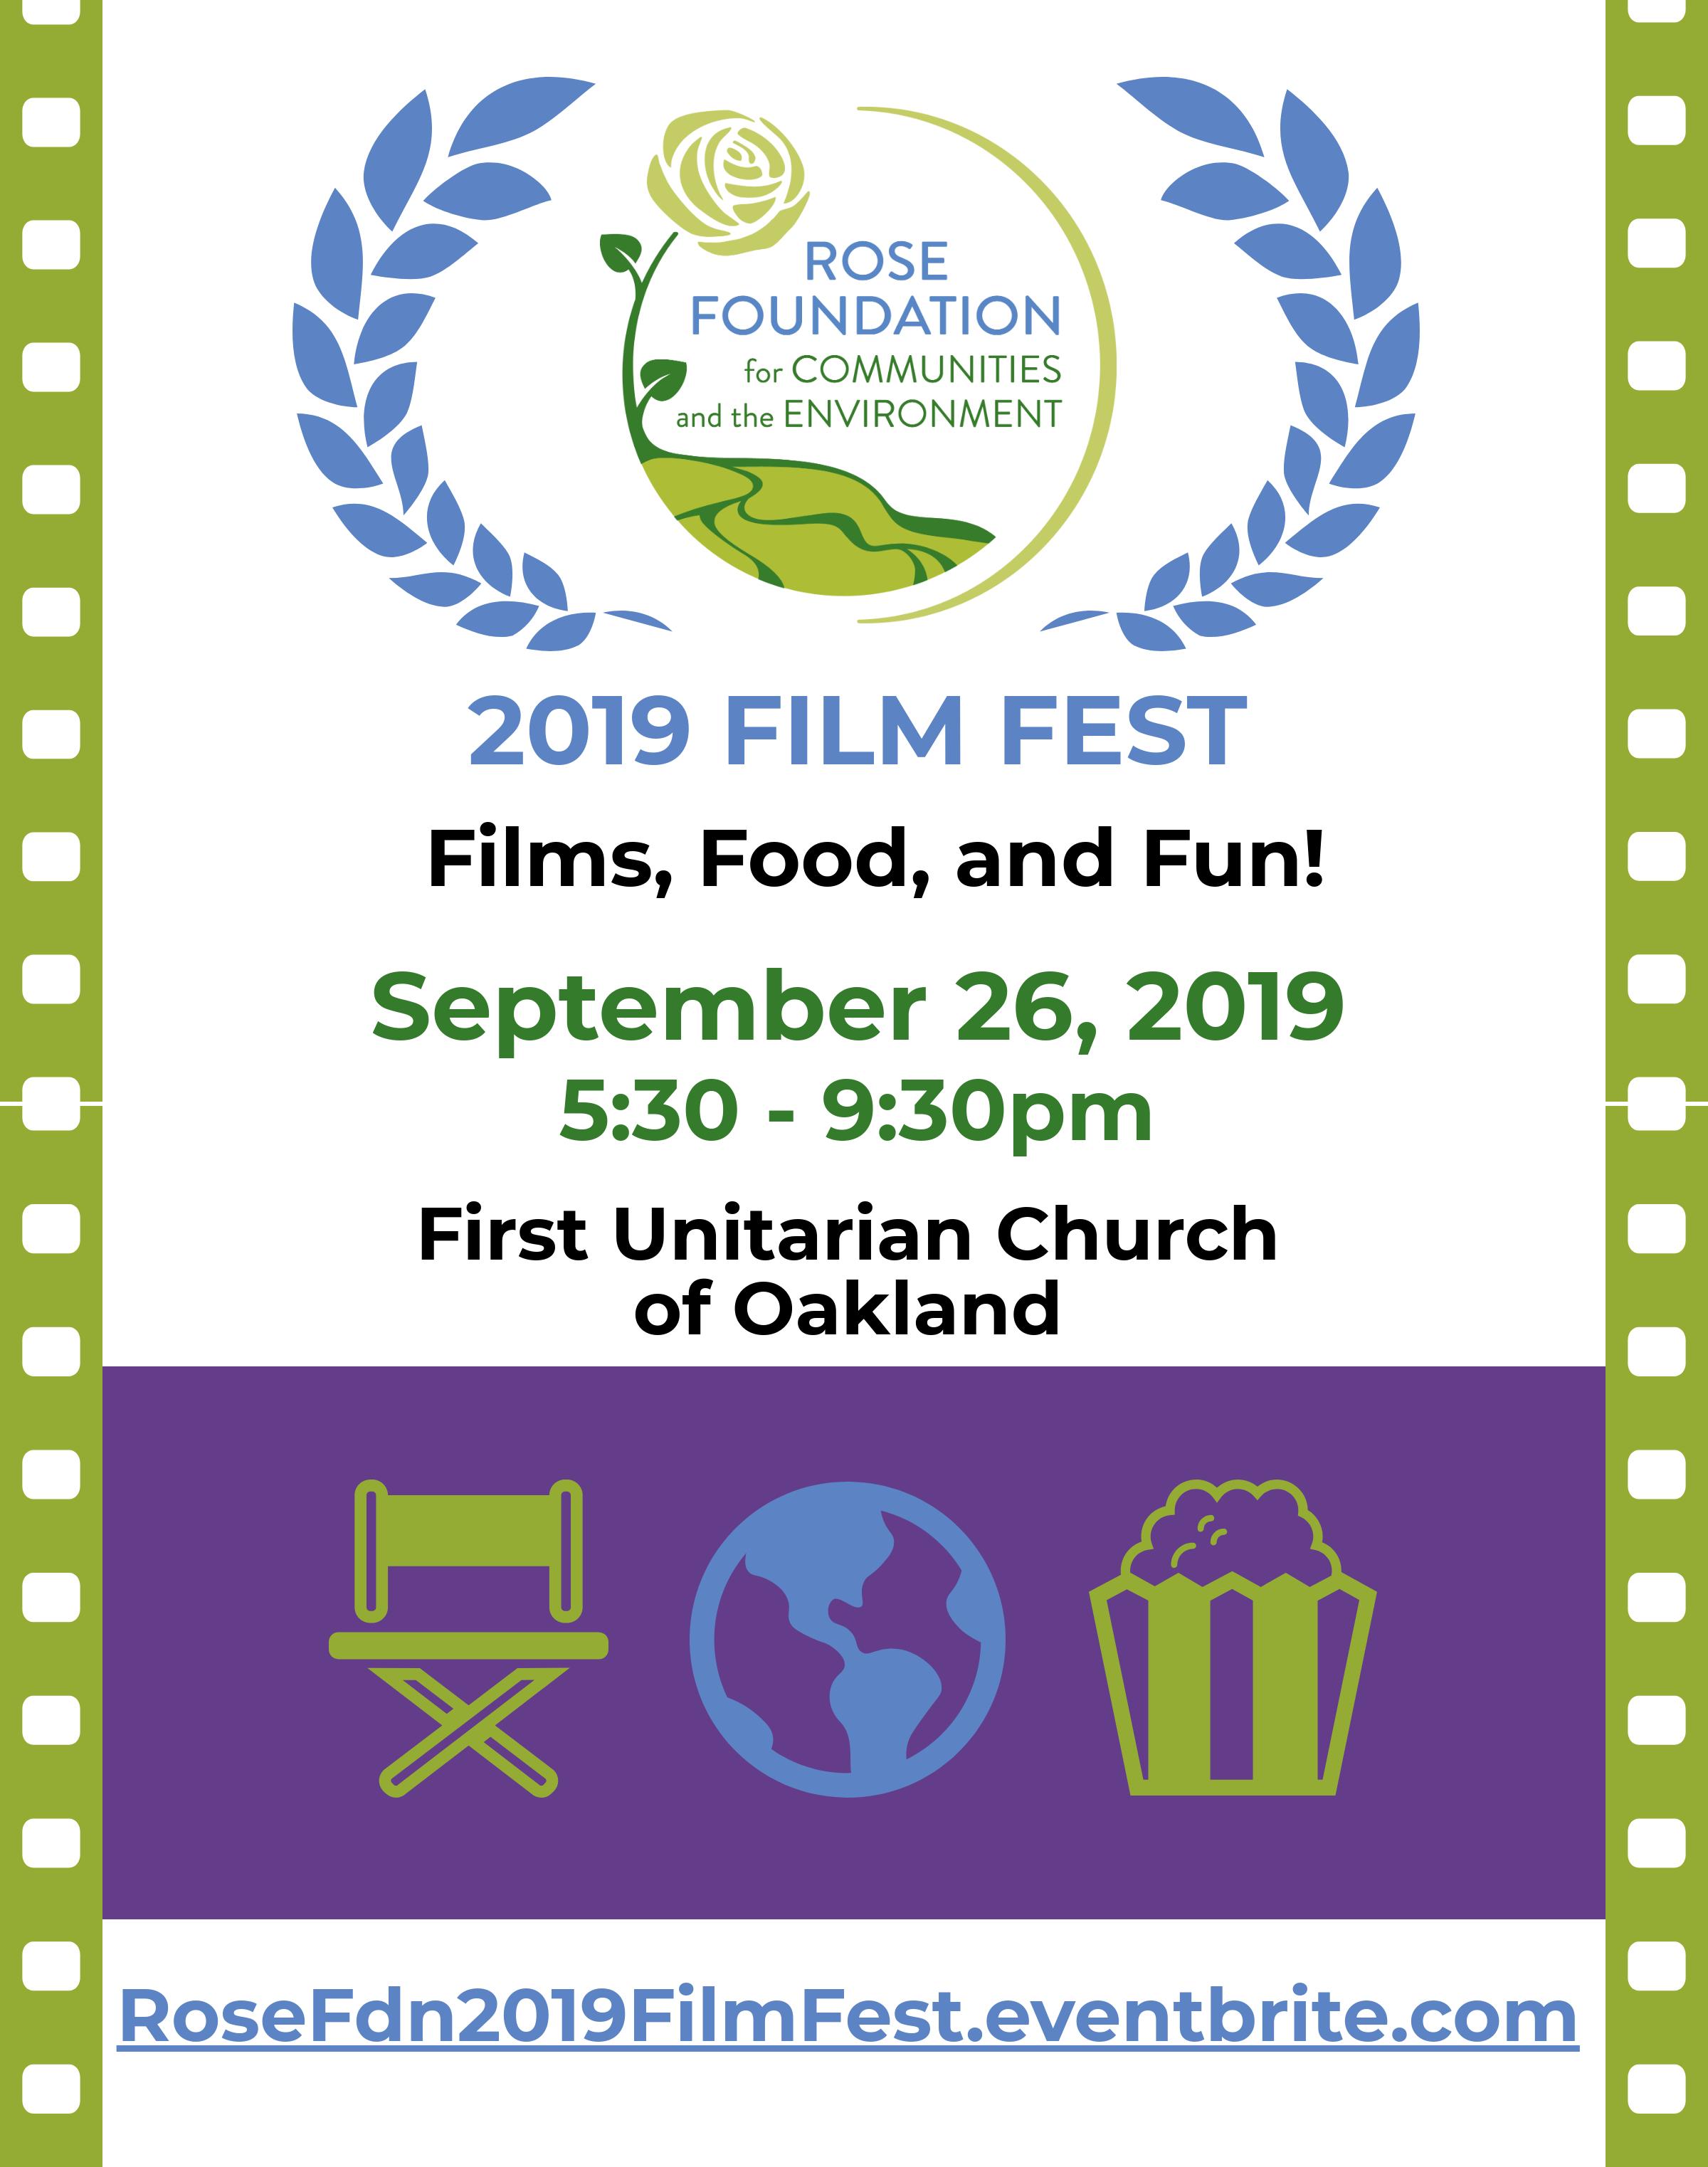 2019 Film Fest Poster